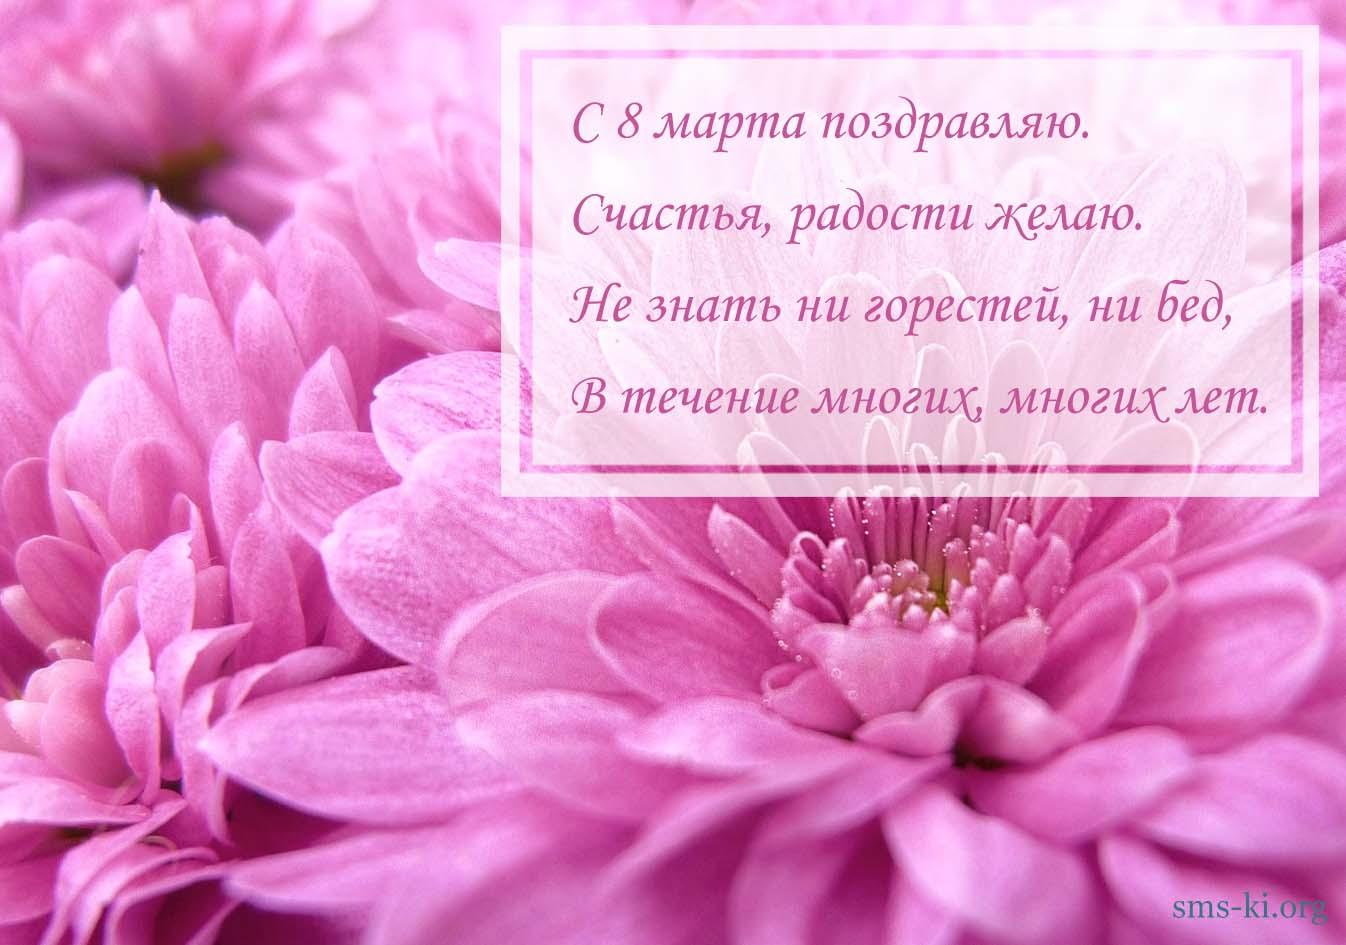 Открытки - С 8 марта поздравляю счастья